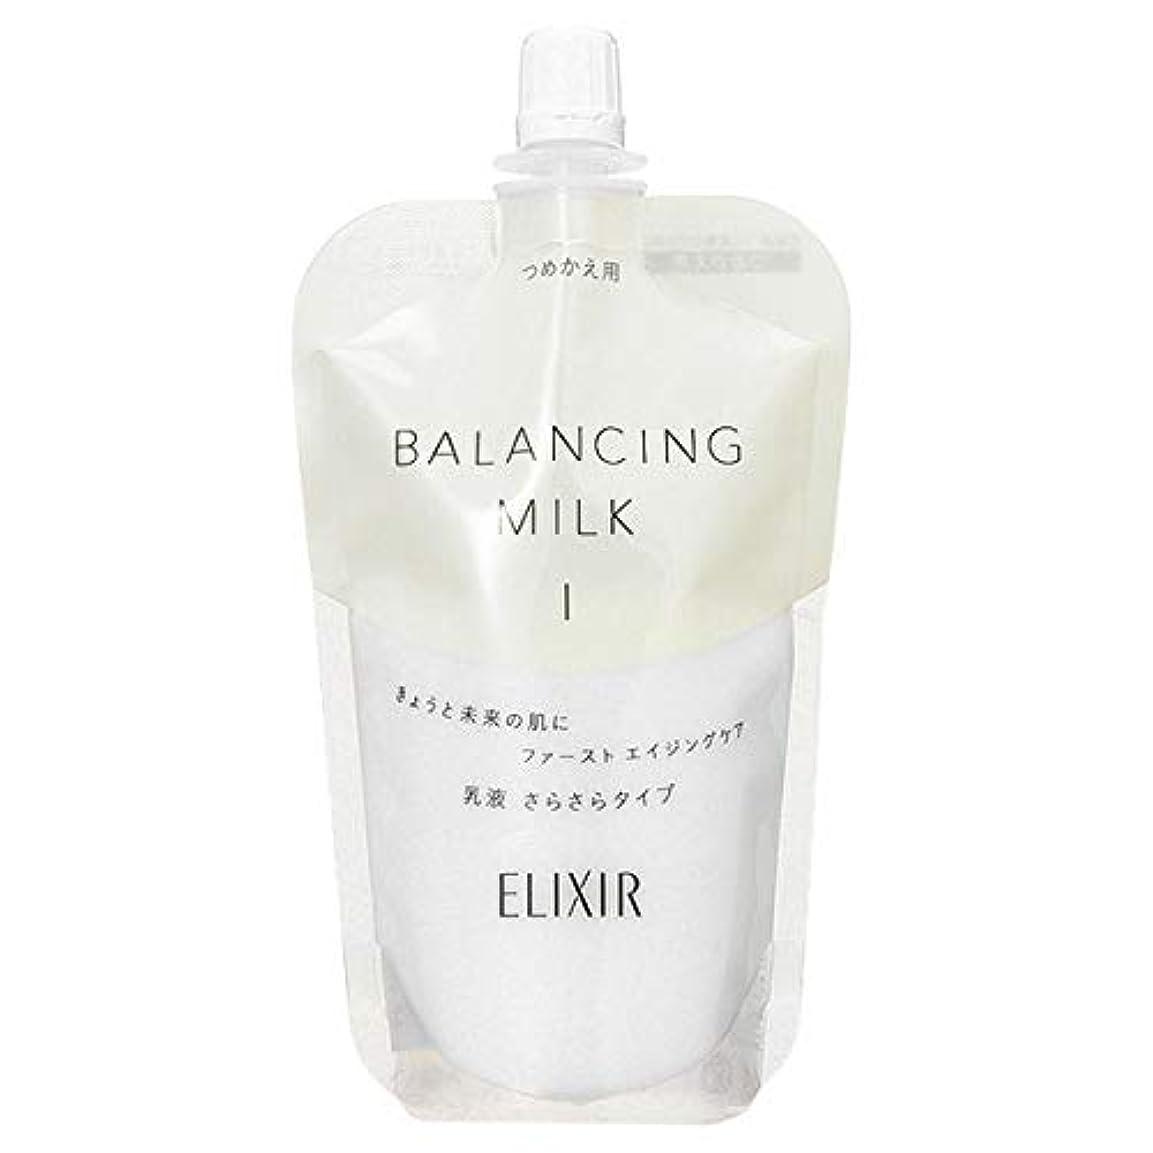 テスト資産サイクロプスシセイドウ 資生堂 エリクシール ルフレ バランシング ミルク (つめかえ用) 110mL II とろとろタイプ (在庫) [並行輸入品]